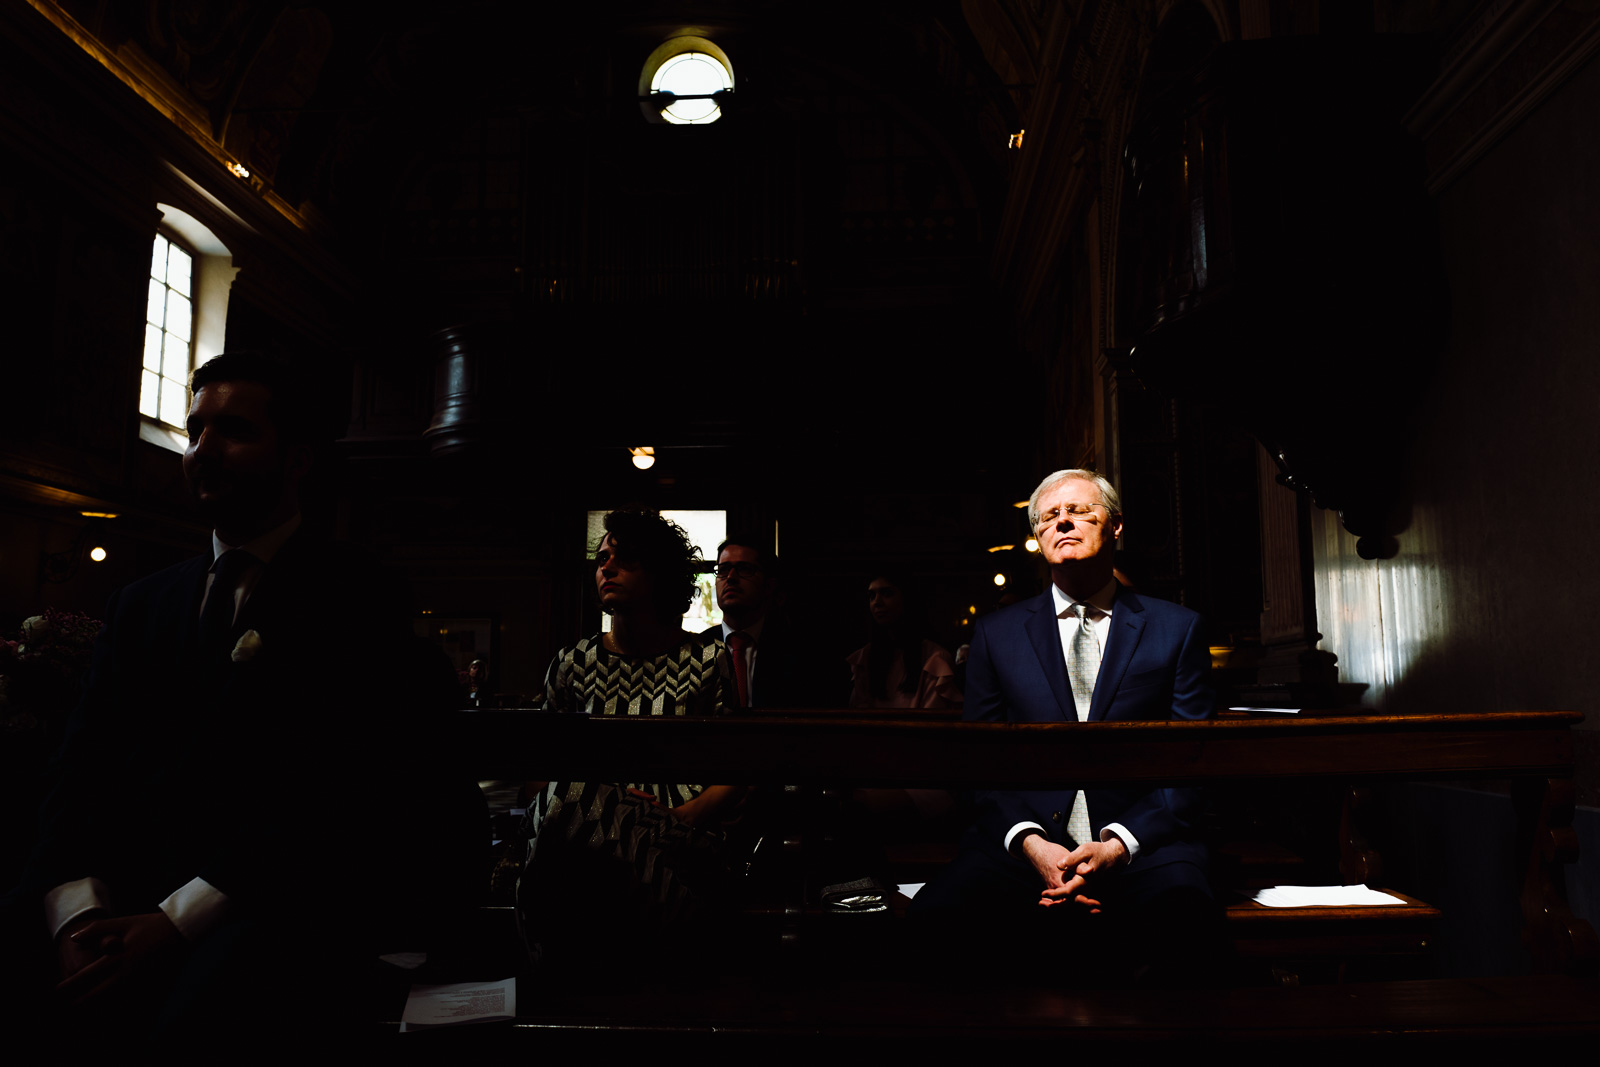 Il padre della sposa seduto in chiesa. Max Allegritti, Fotografo Professionista di matrimonio a Milano e Monza